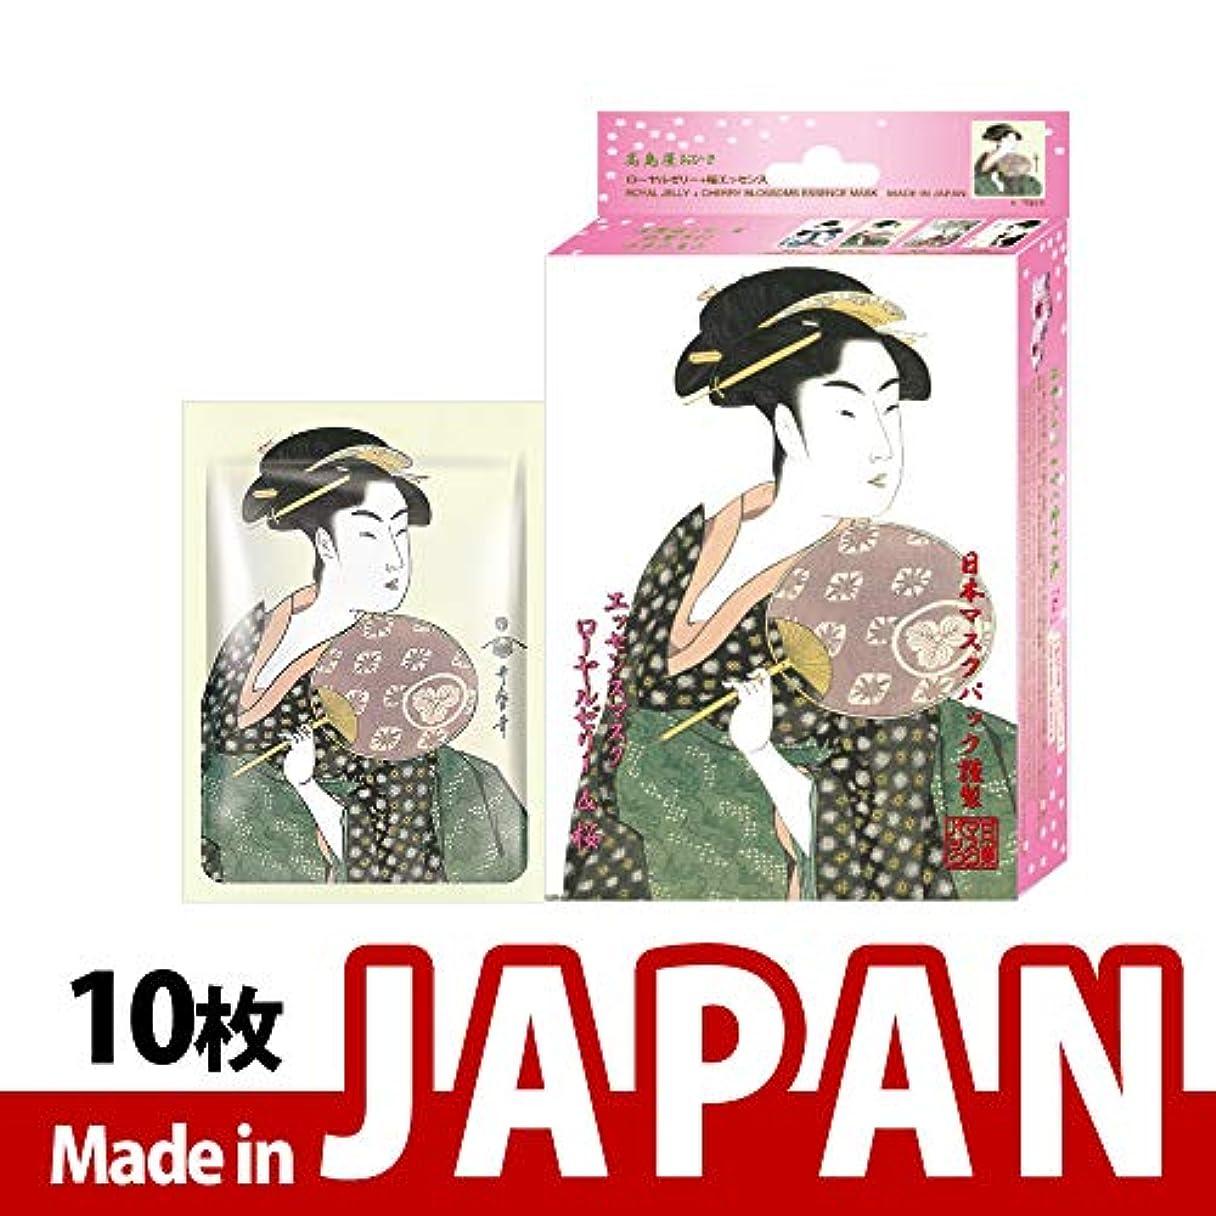 肩をすくめるもつれ動くMITOMO【JP004-A-1】日本製ローヤルゼリー+桜 肌汚れ対策 シートマスク/10枚入り/10枚/美容液/マスクパック/送料無料